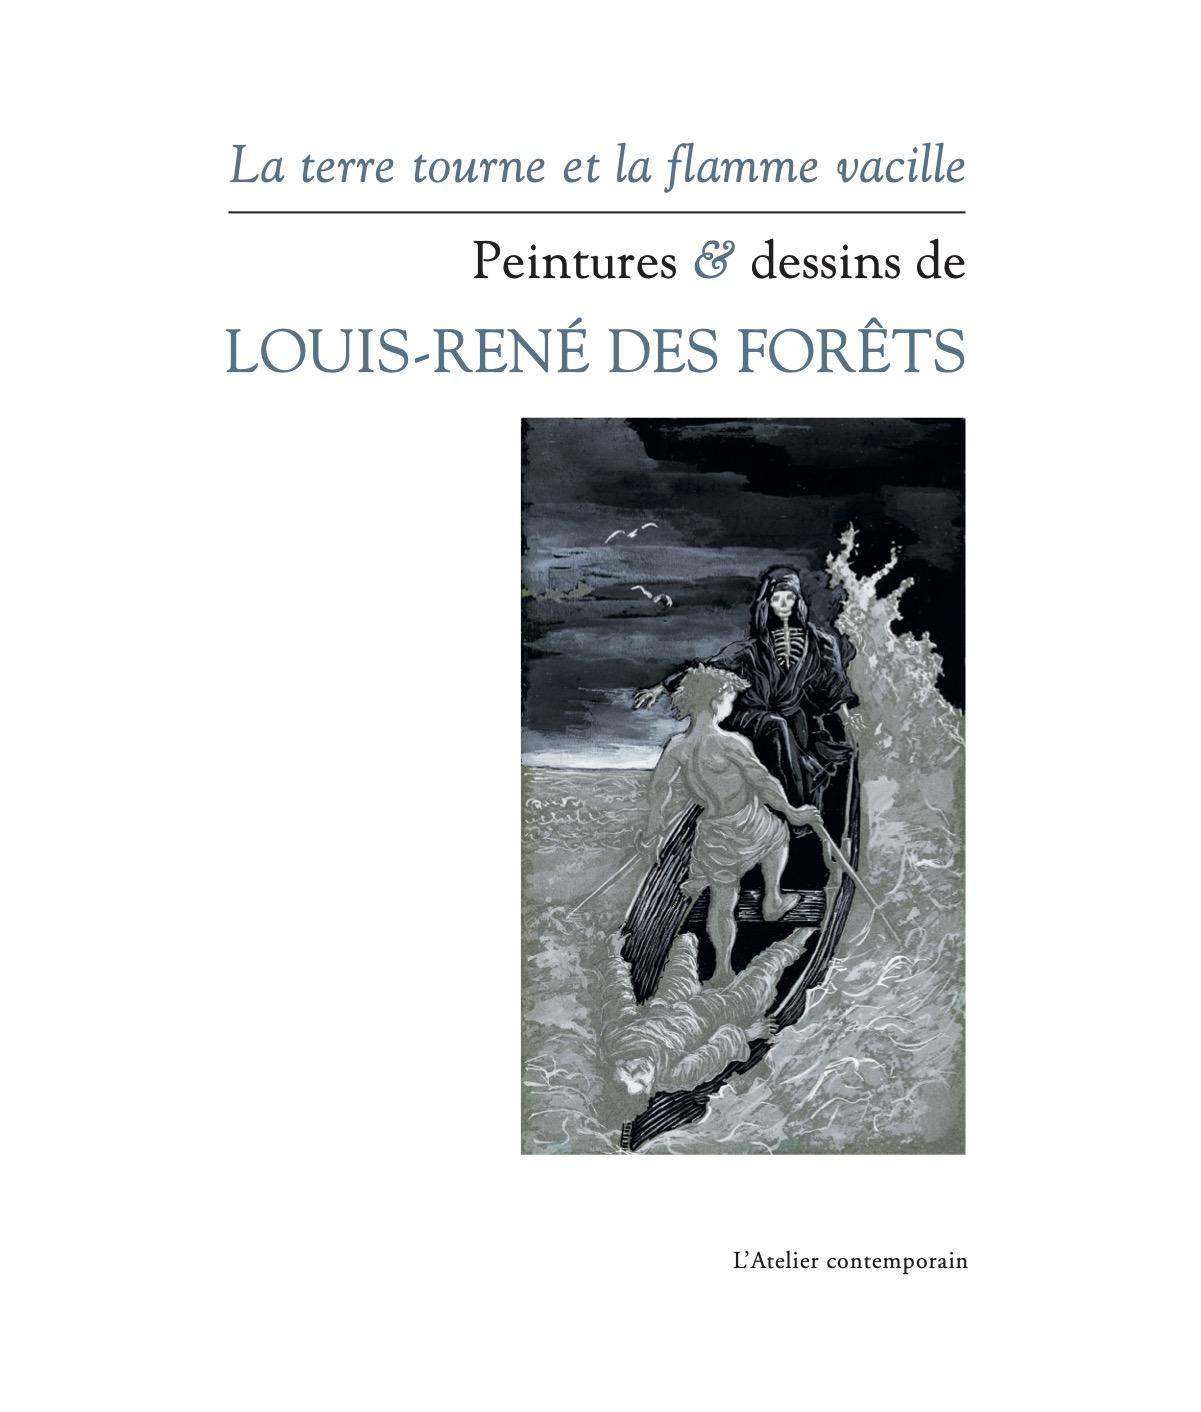 L.-R. Des Forêts, La terre tourne et la flamme vacille